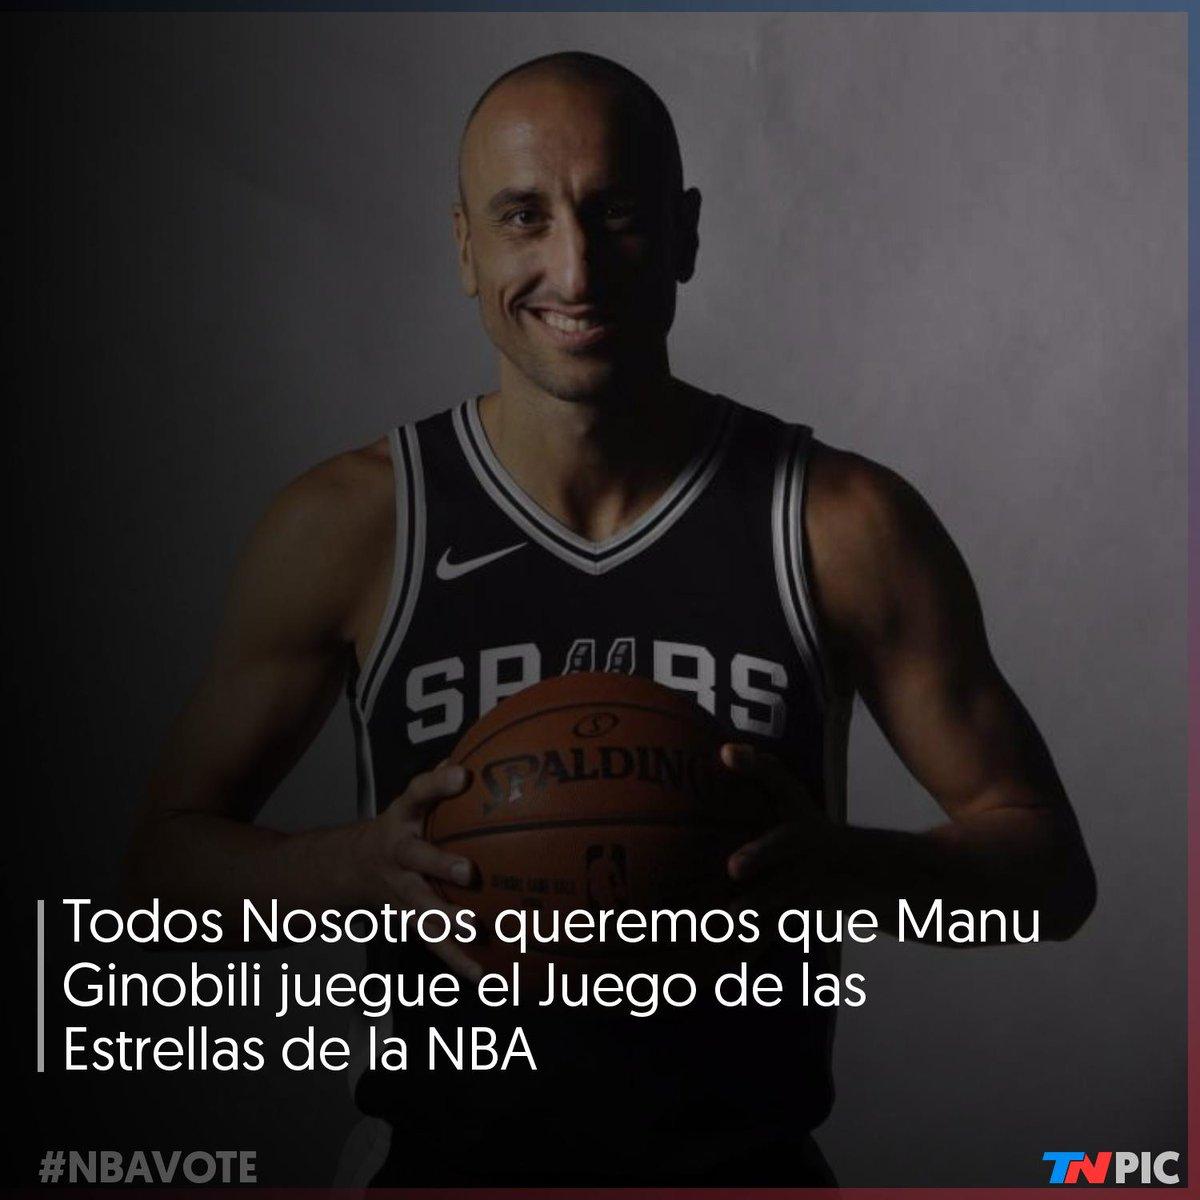 Todos Nosotros queremos que @manuginobili esté en el Juego de las Estrellas de la NBA.  Por cada RT que des, Manu suma un voto  Manu Ginobili #NBAVote